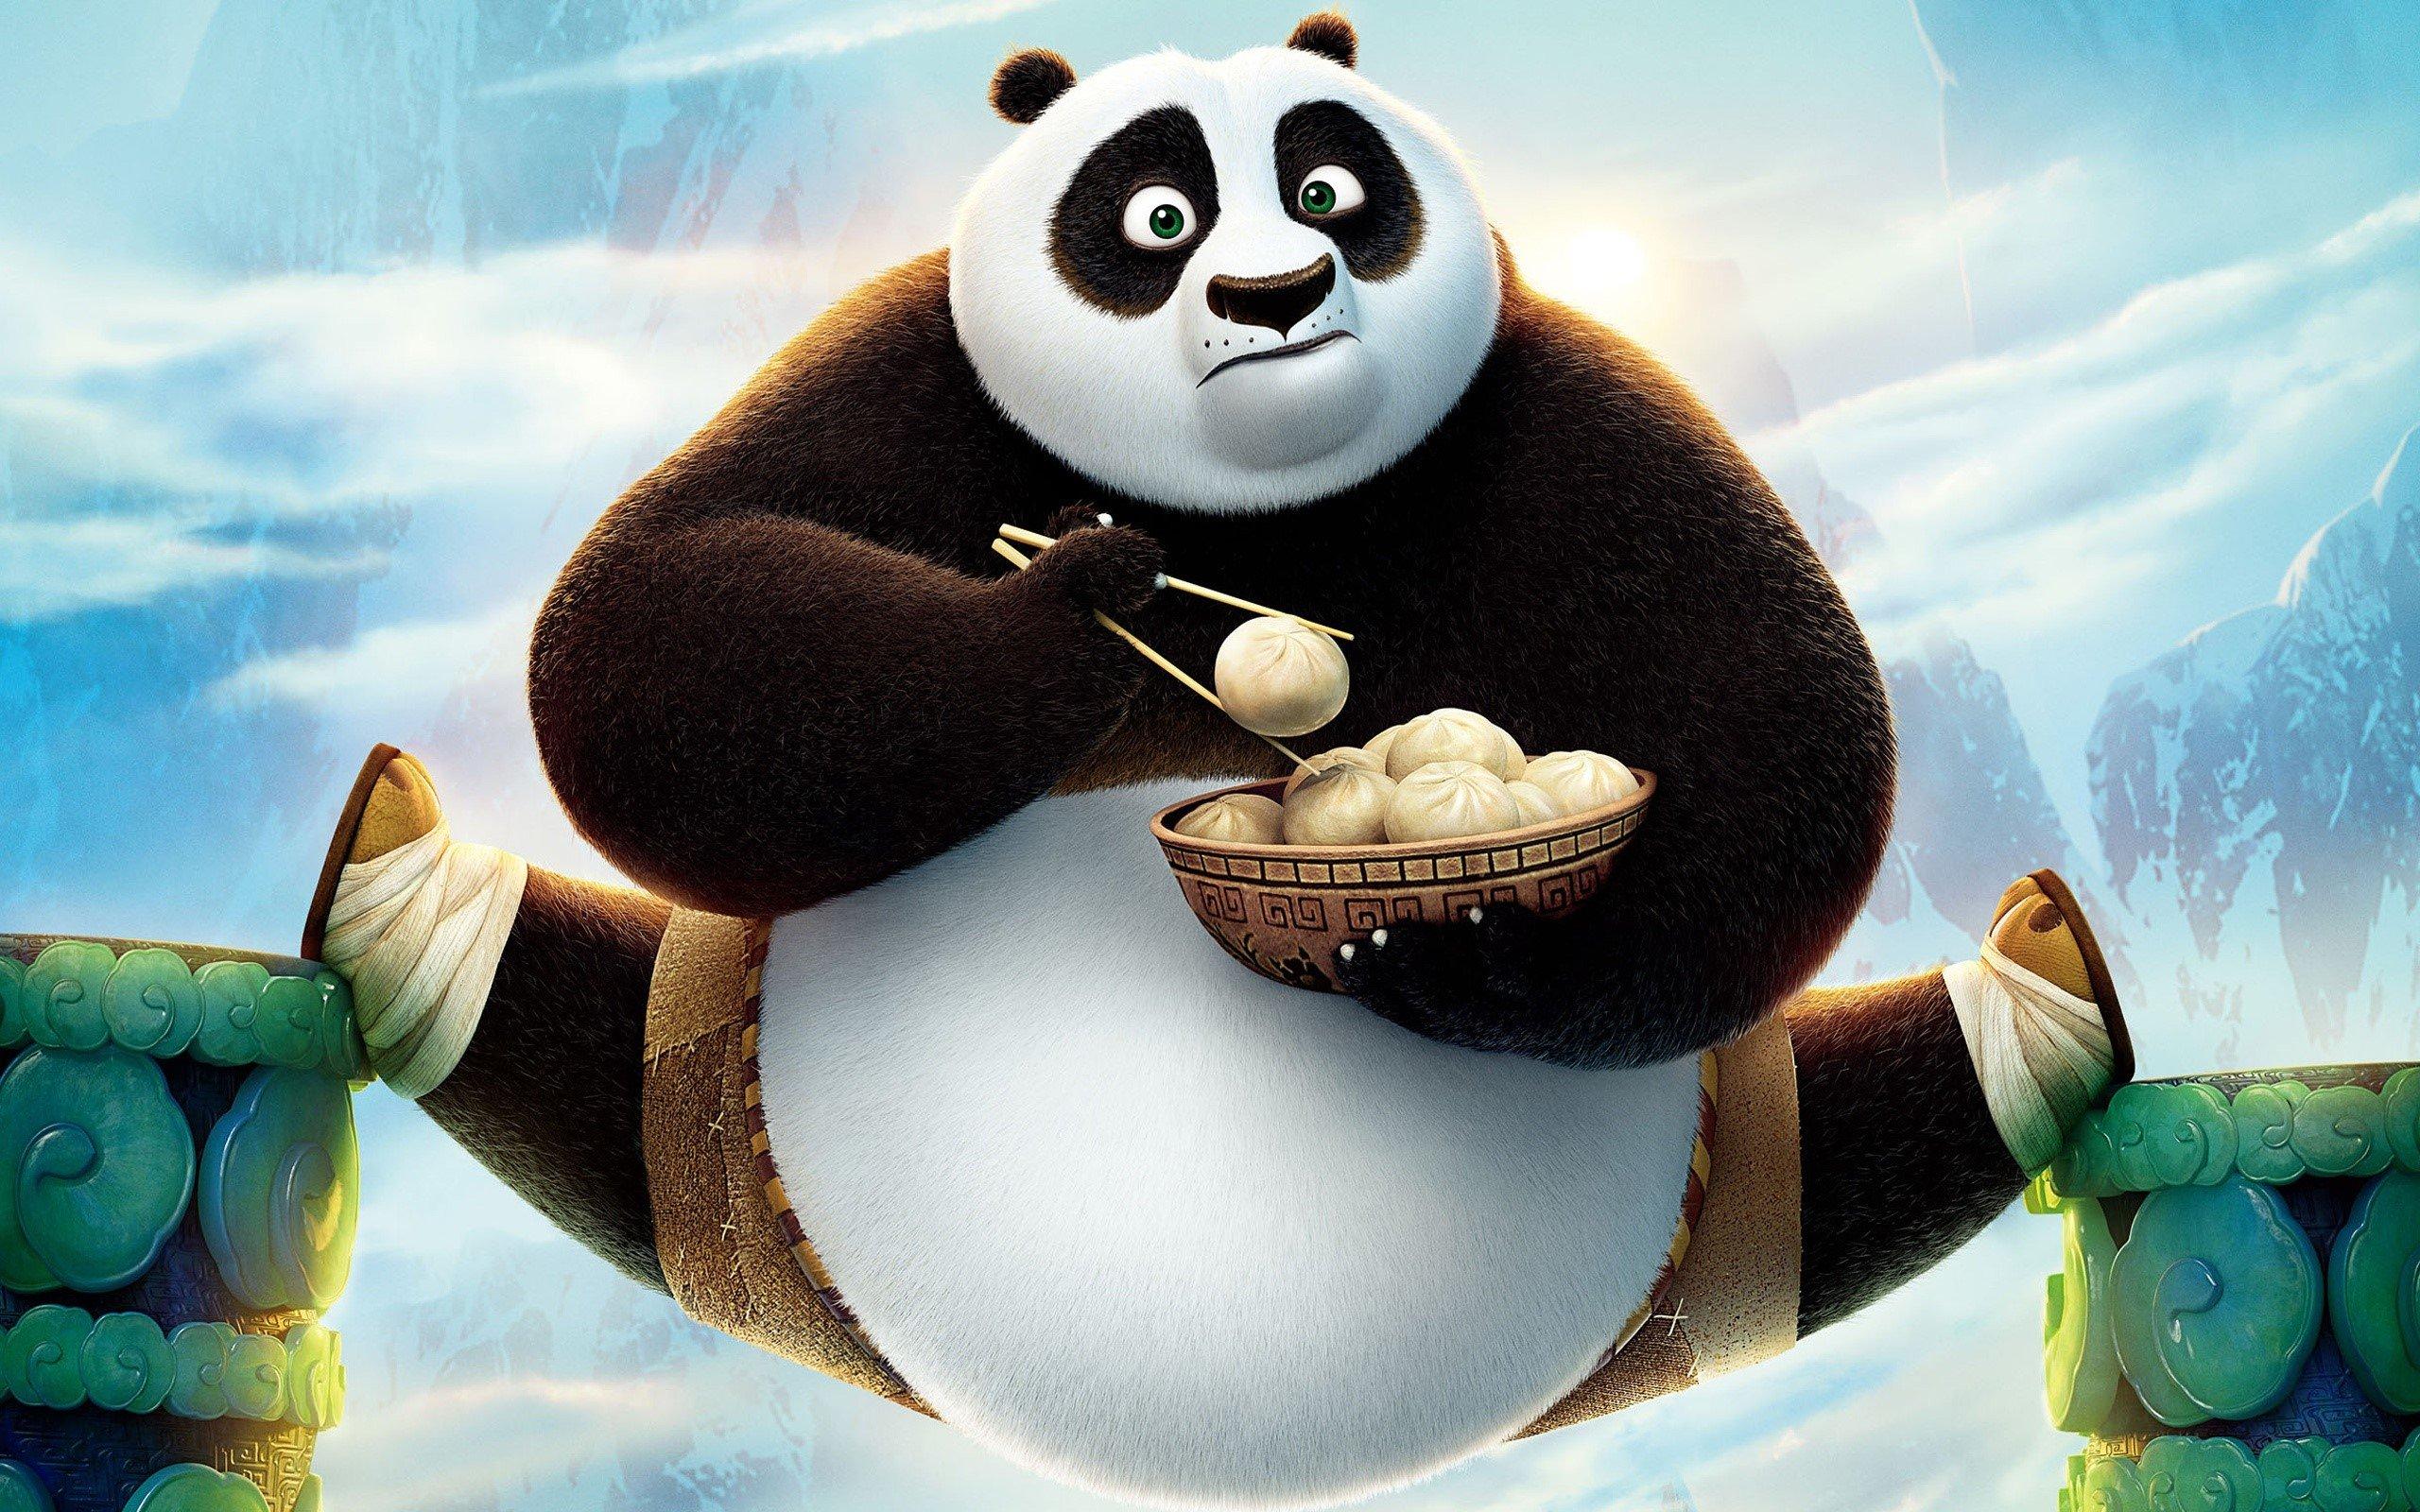 Fondo de pantalla de Kung fu panda 3 Imágenes